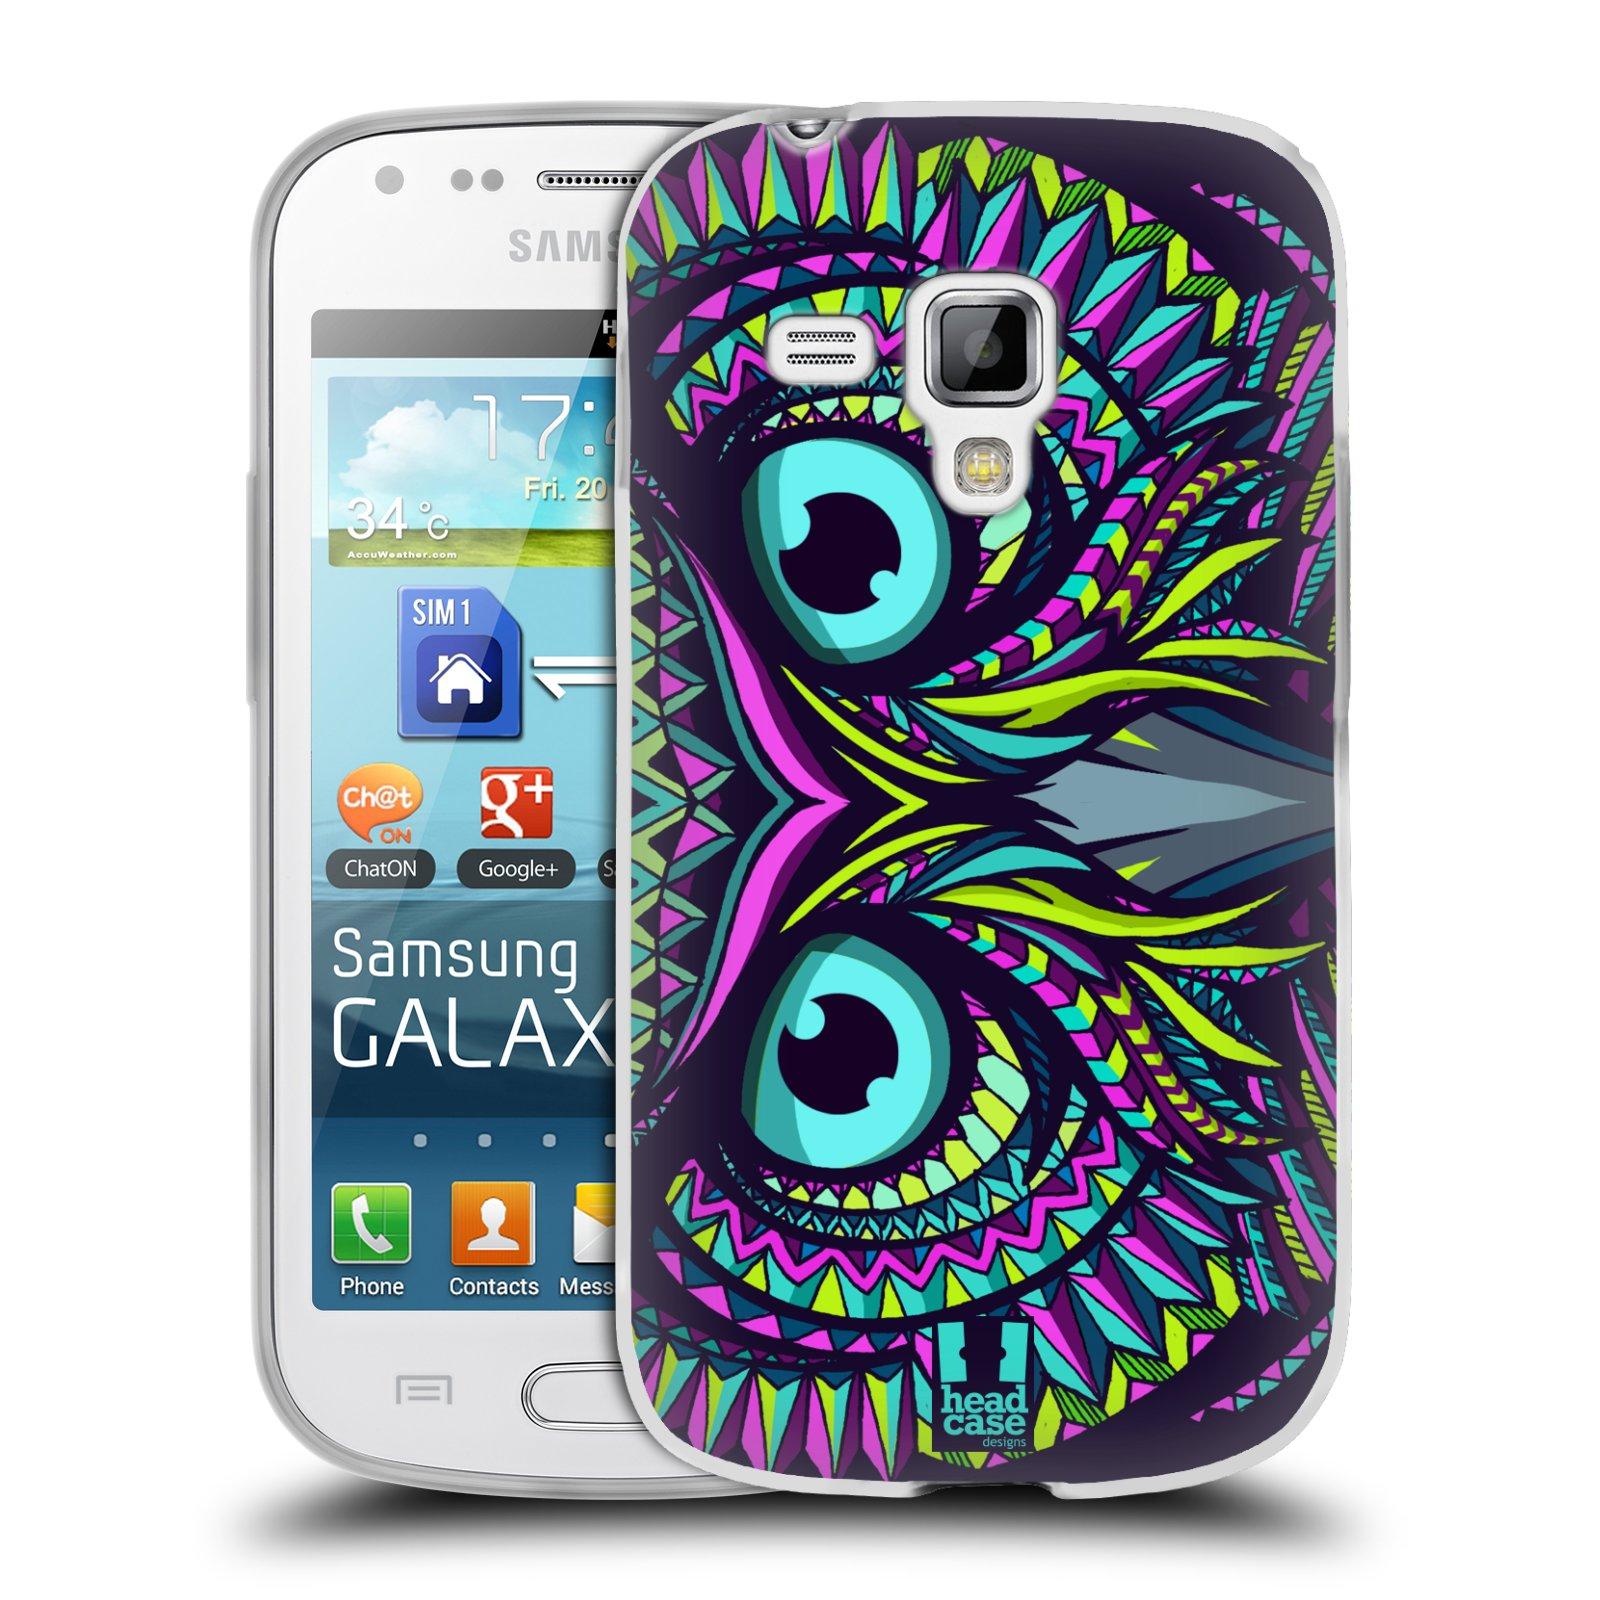 Silikonové pouzdro na mobil Samsung Galaxy S Duos 2 HEAD CASE AZTEC SOVA (Silikonový kryt či obal na mobilní telefon Samsung Galaxy S Duos 2 GT-S7582)